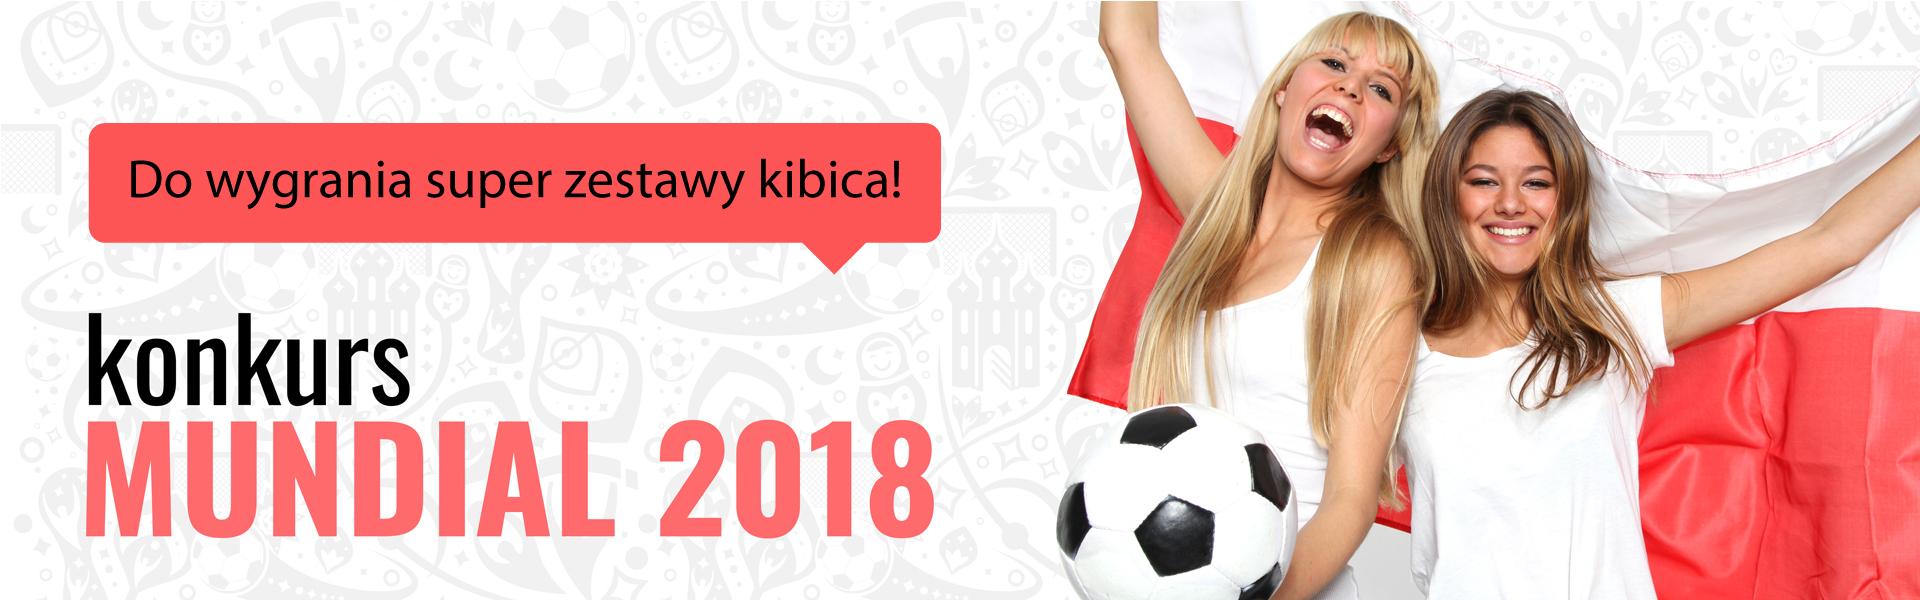 KONKURS Mundial 2018